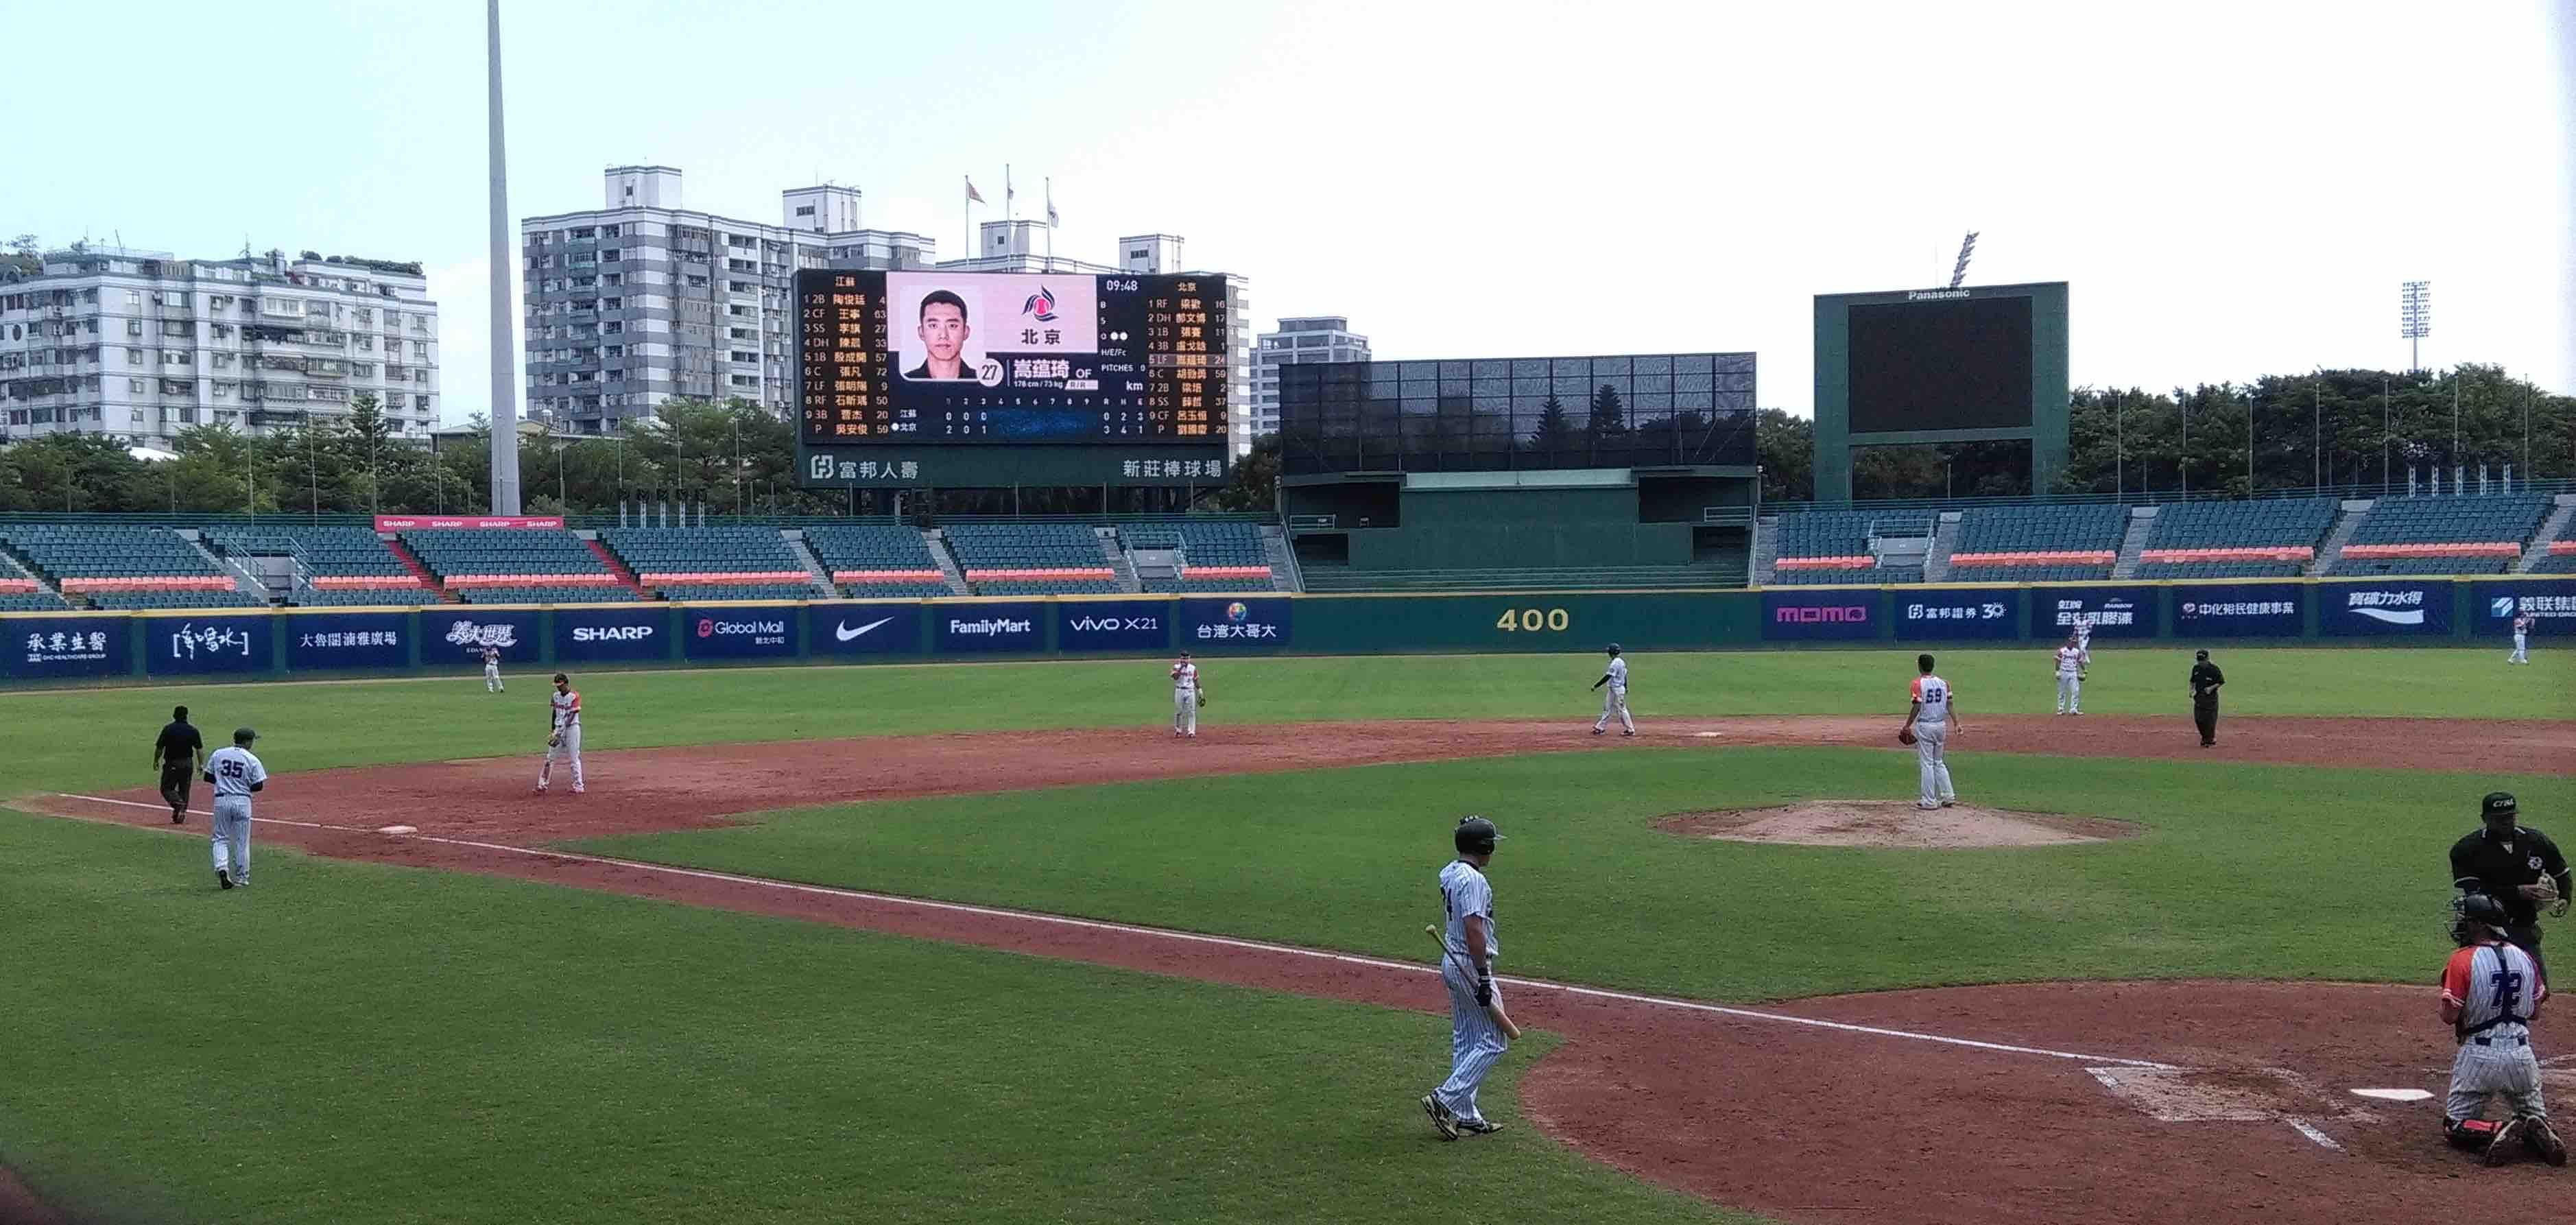 北京隊台灣客座教練邱企彬站上三壘指導區給準備打擊的亞運國手嵩蘊琦指導。